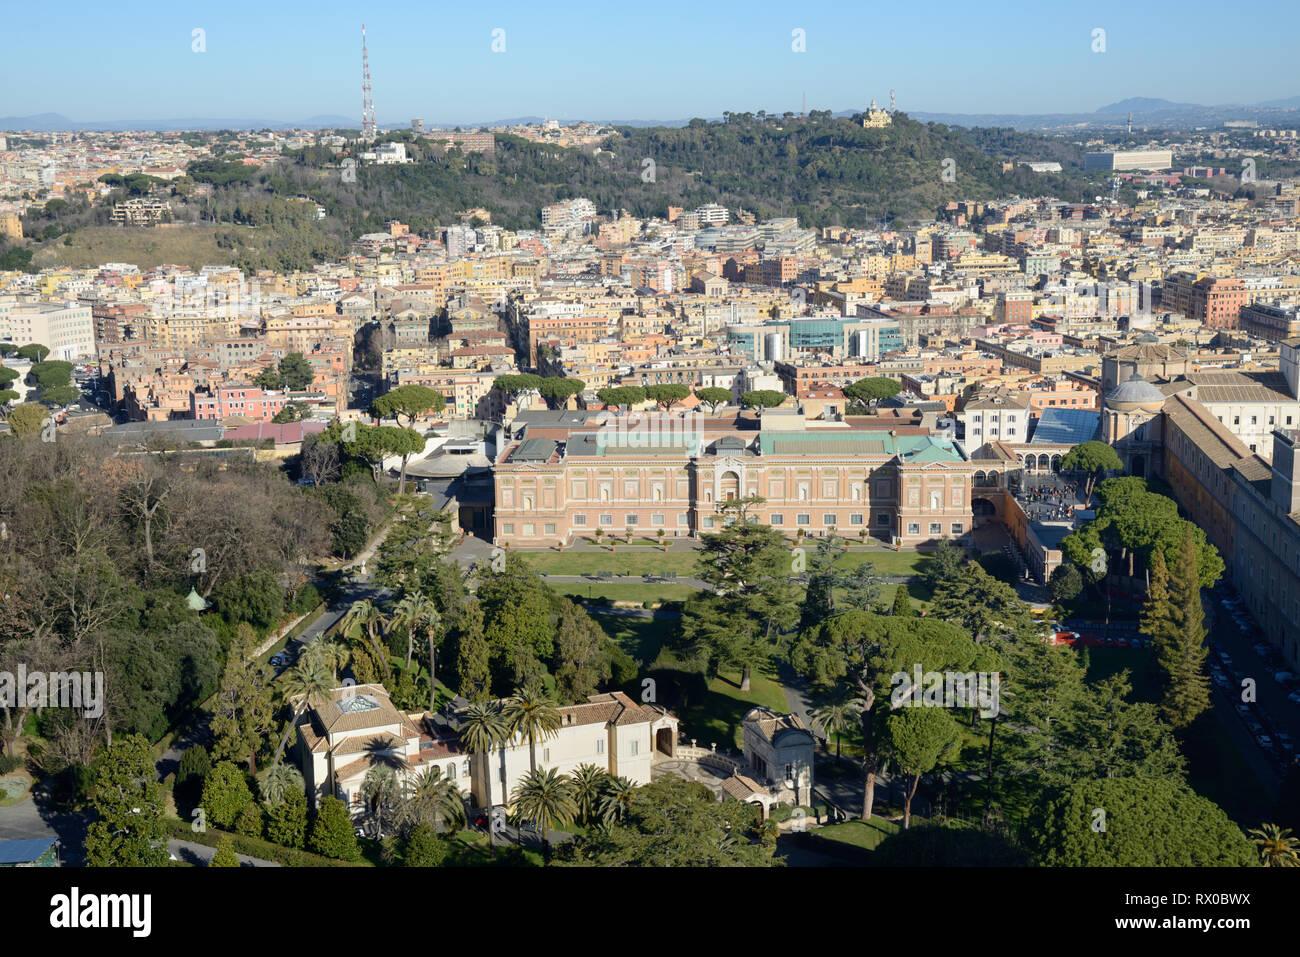 Museo Del Vaticano.Veduta Aerea Museo Del Vaticano La Pinacoteca Vaticana Galleria D